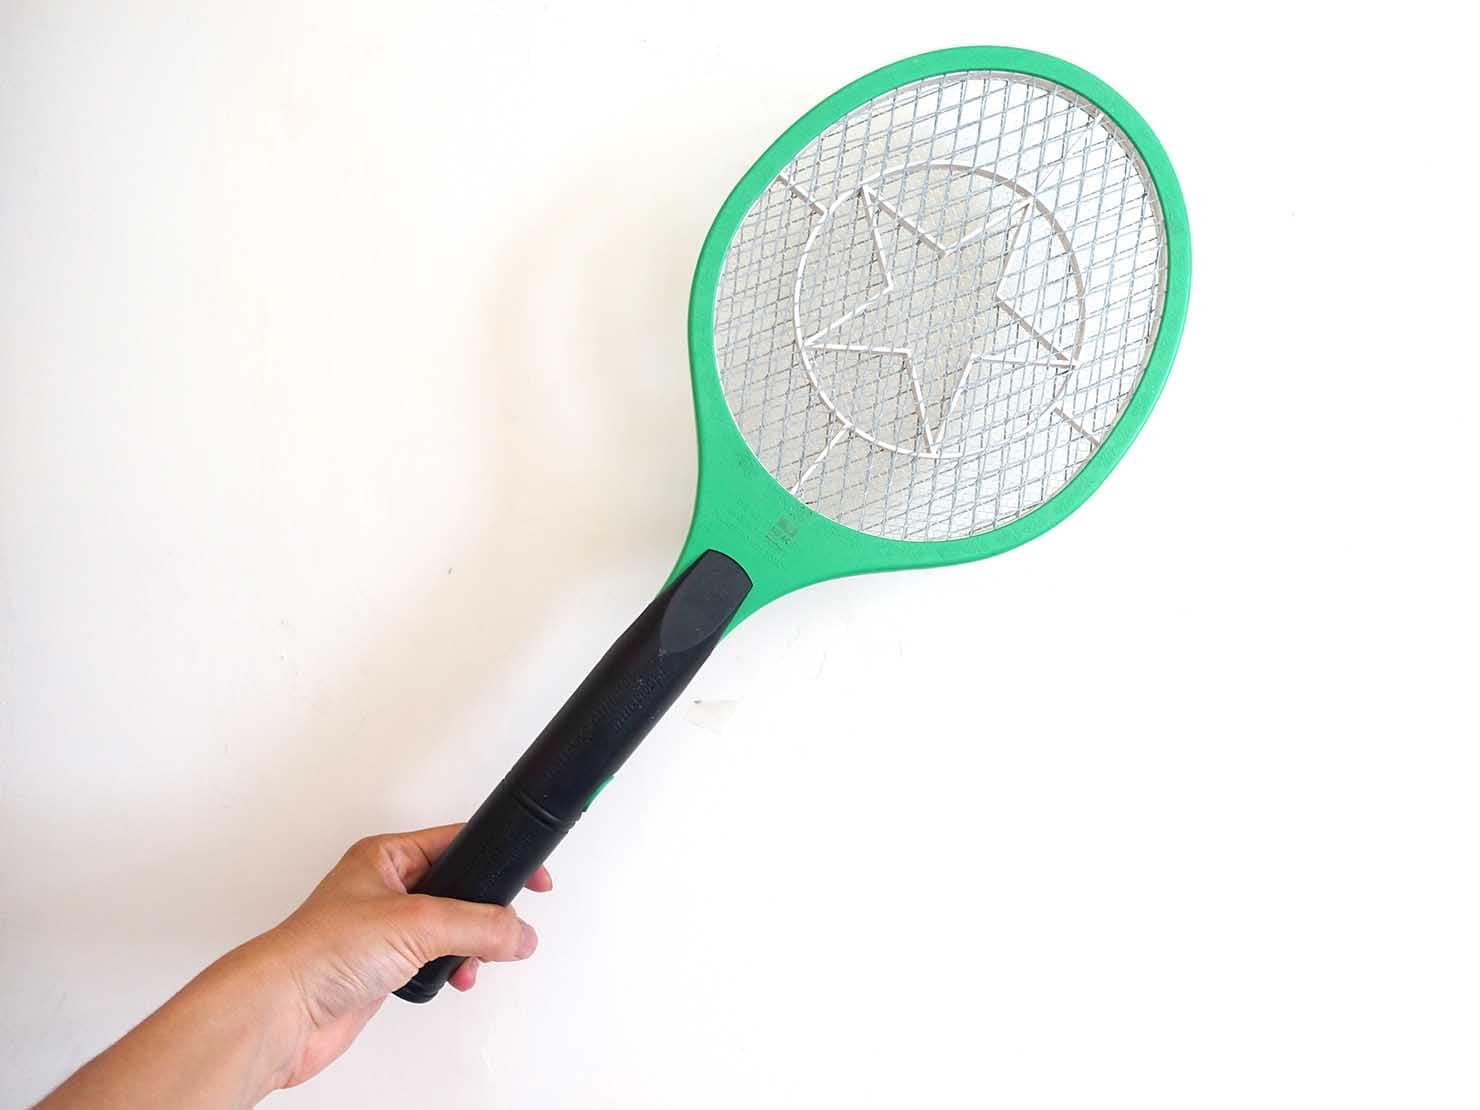 台湾生活で重宝する便利アイテム「電蚊拍(蚊取りラケット)」